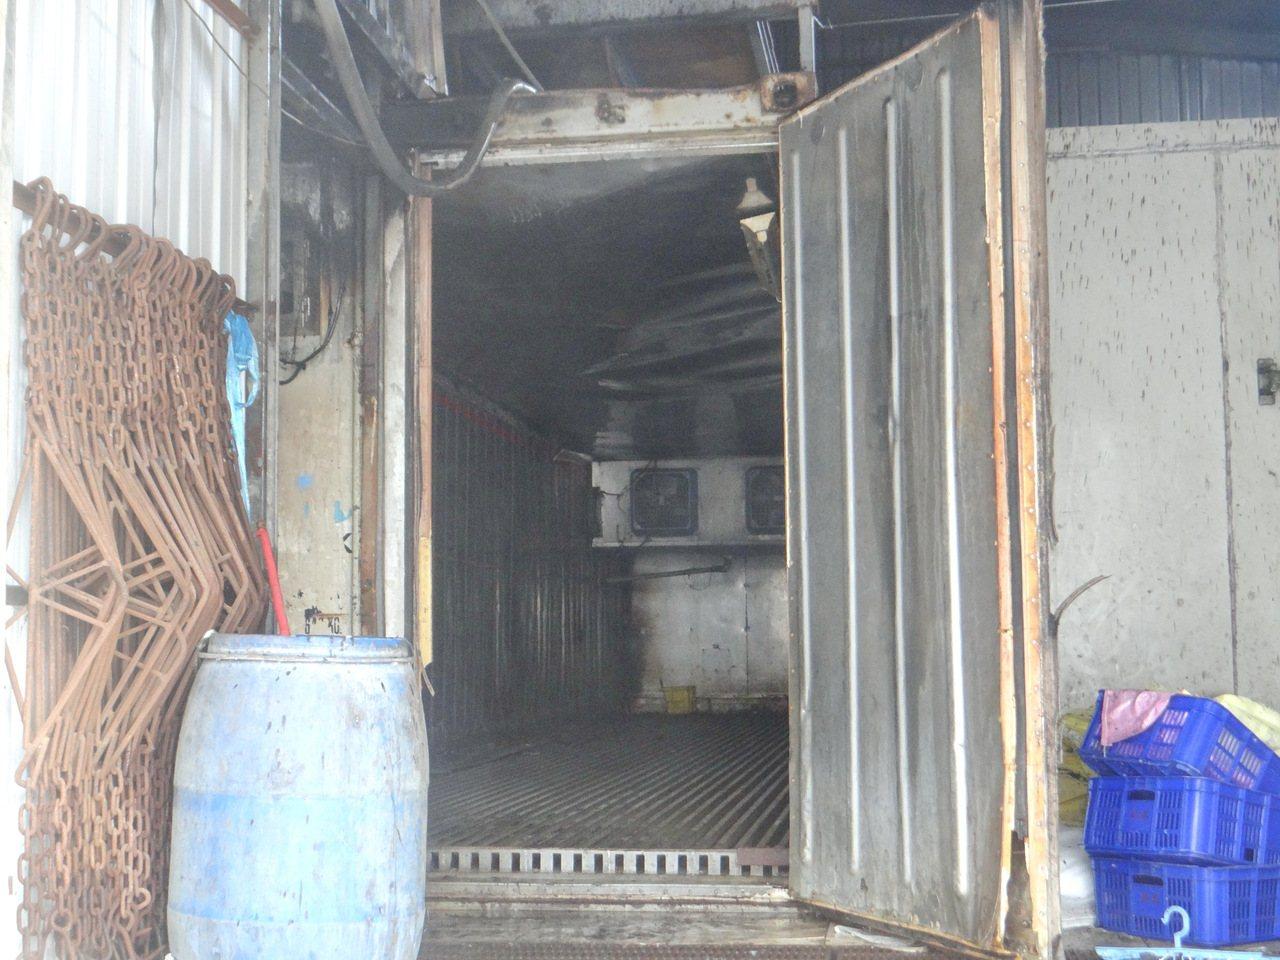 雲林肉品市場的分切廠起火,疑因冷凍櫃電線短路所致。記者蔡維斌/攝影